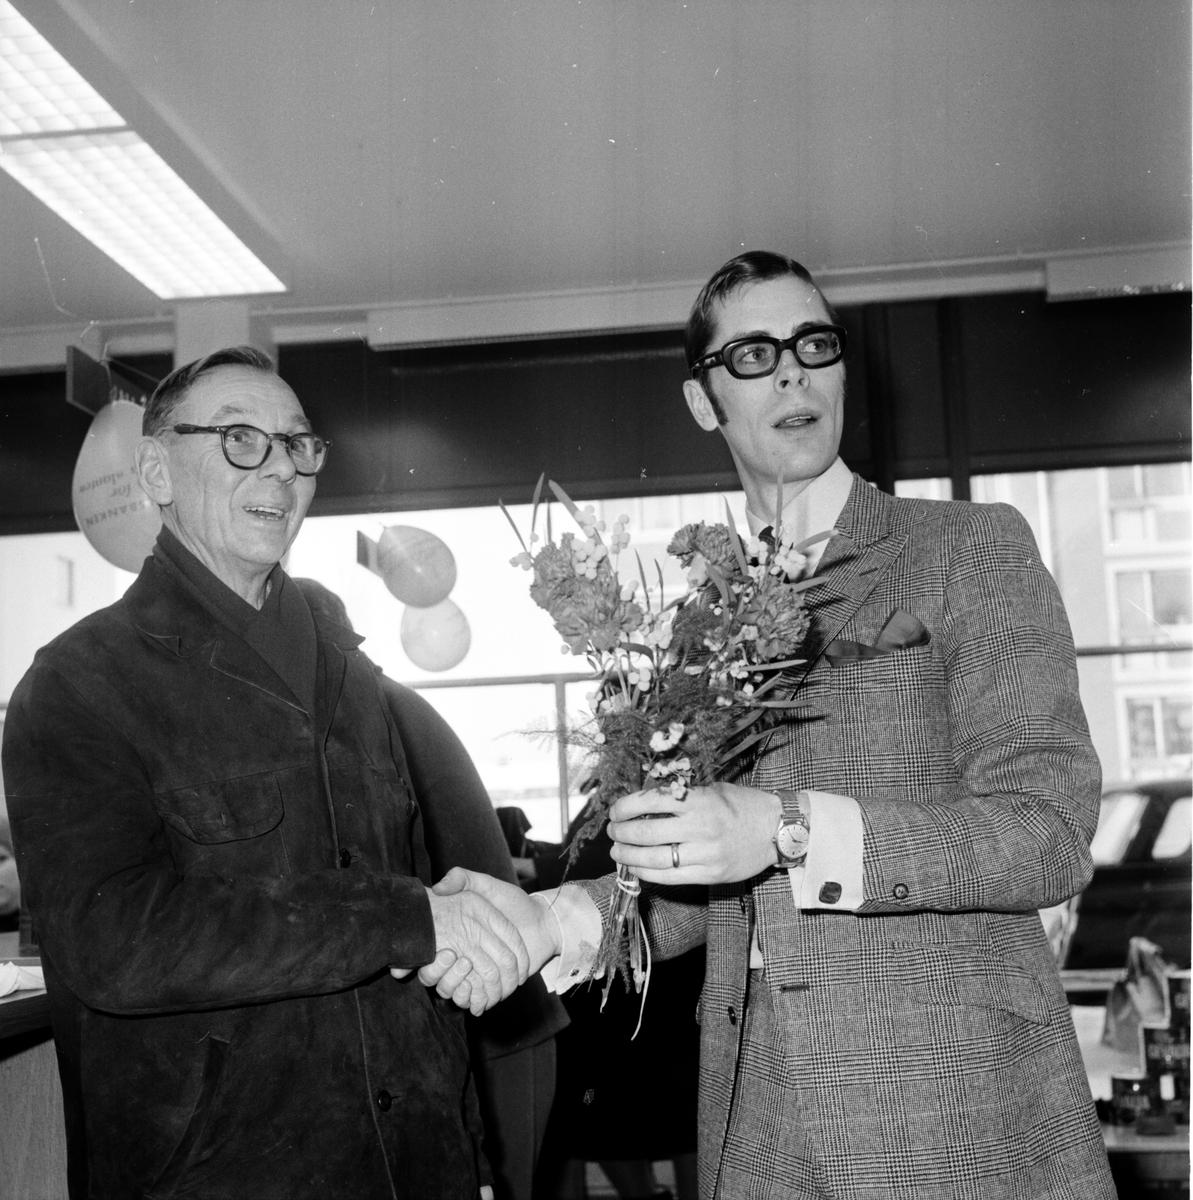 Arbrå, Handelsbanken flyttar in, Febr 1970